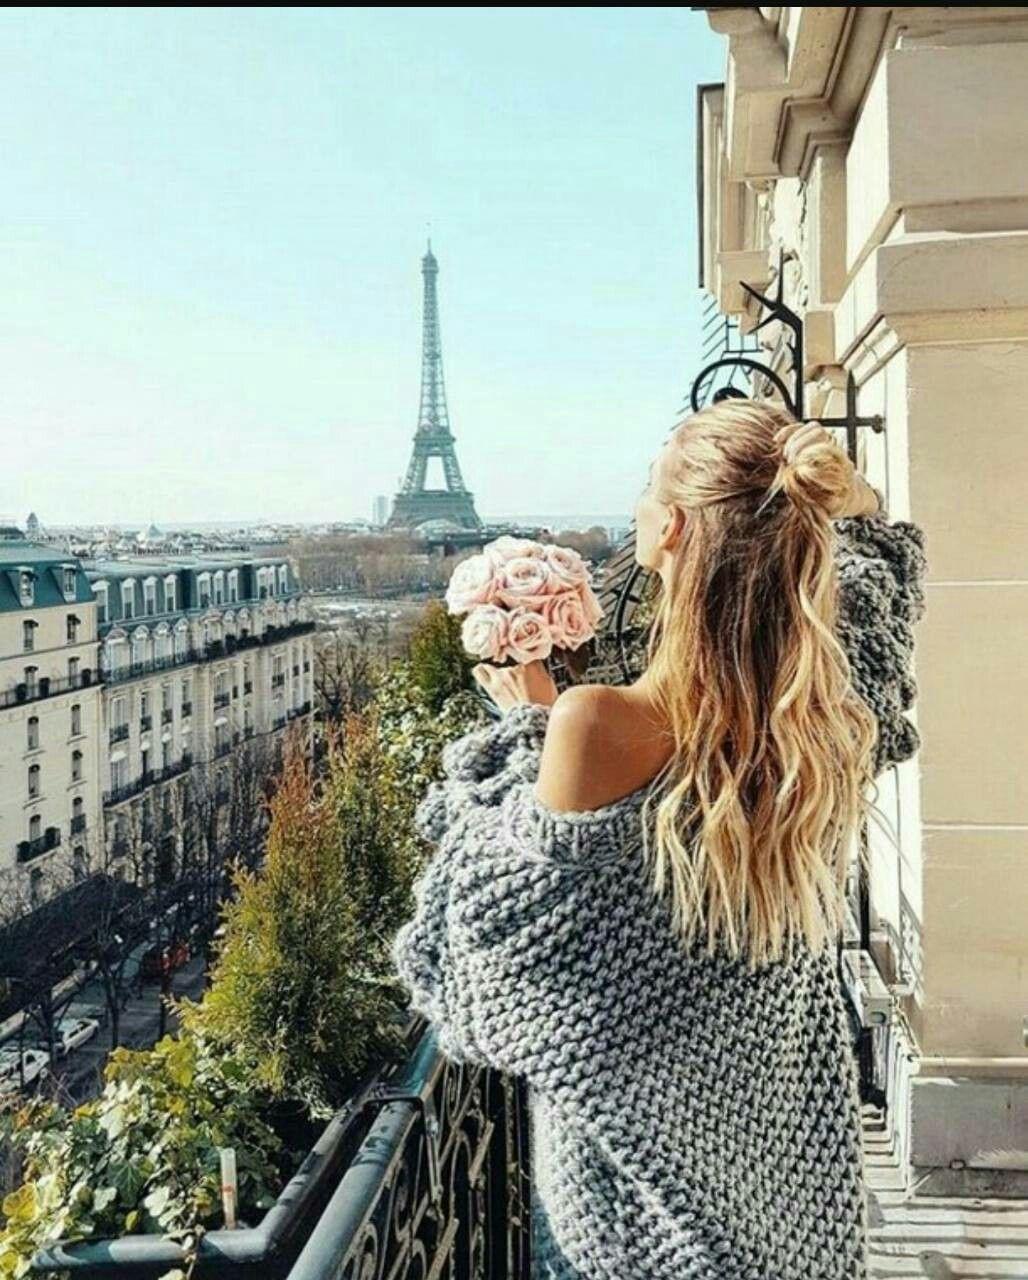 مكان رومانسي شاعري كل البنات يحبونه رمزيات بنات عند برج ايفل